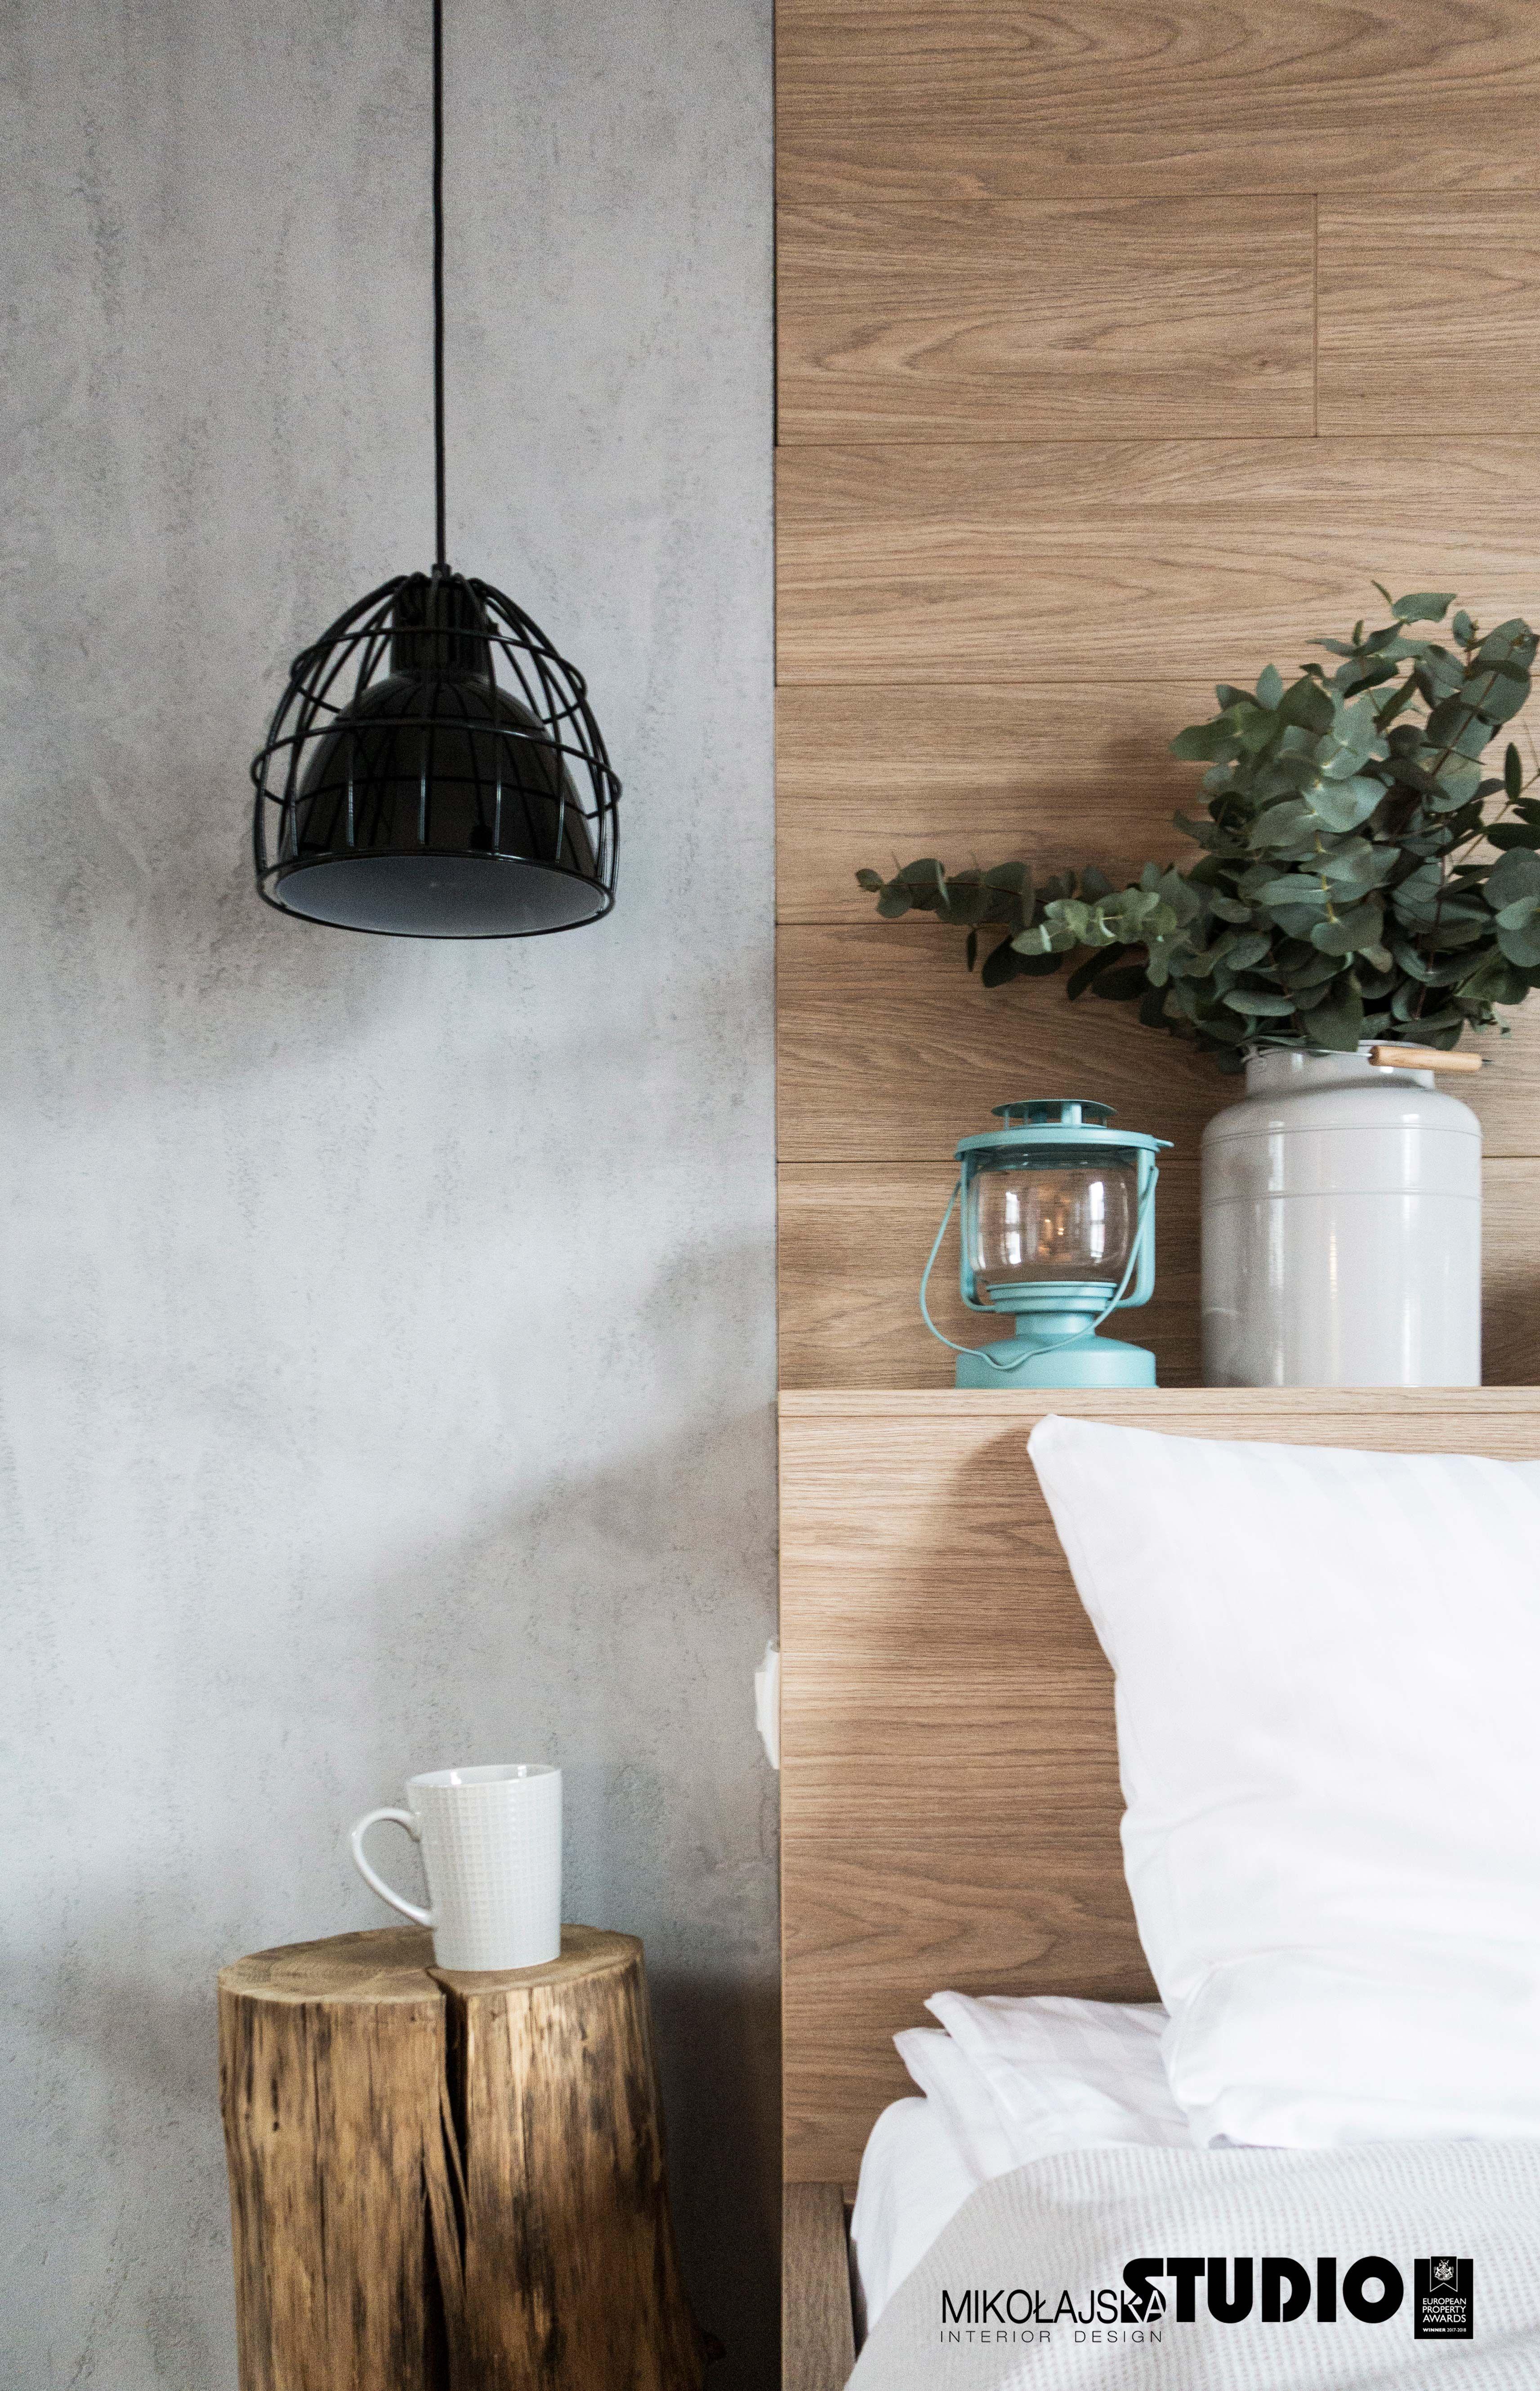 Nowoczesna Lampa Betonowa Sciana Drewniany Zaglowek Home Decor Bedroom Decor Home